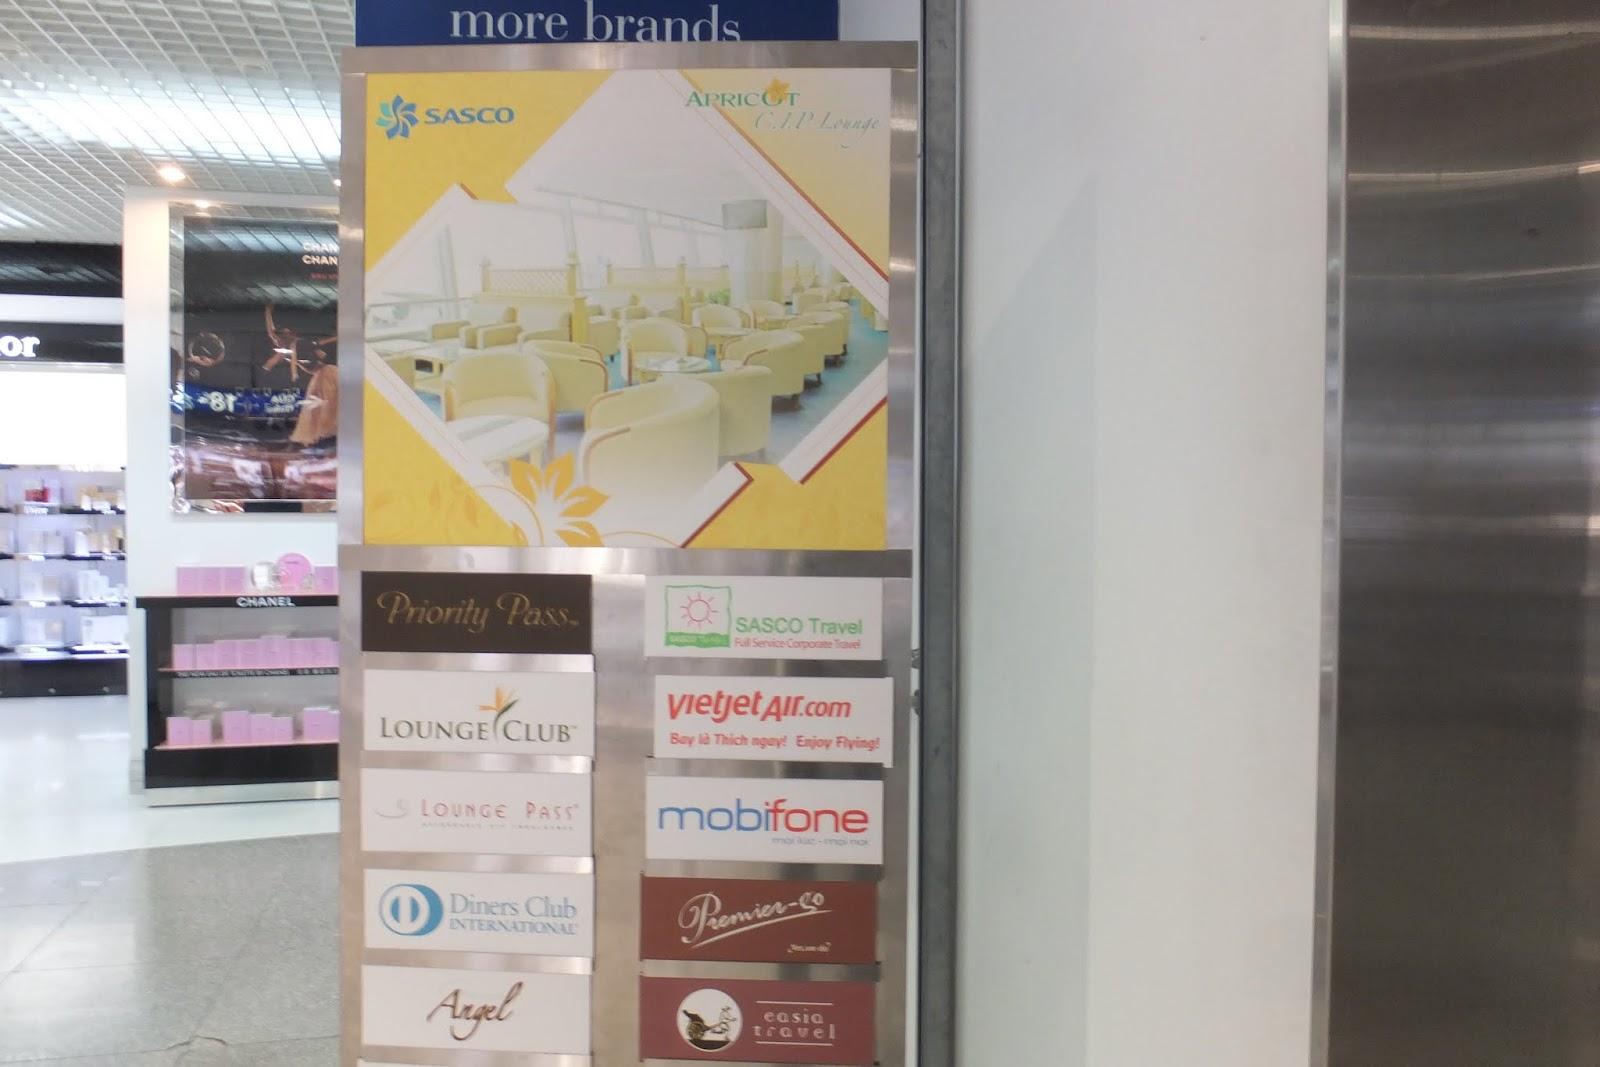 apricot-lounge-hcmc-sign ホーチミン市の空港ラウンジ